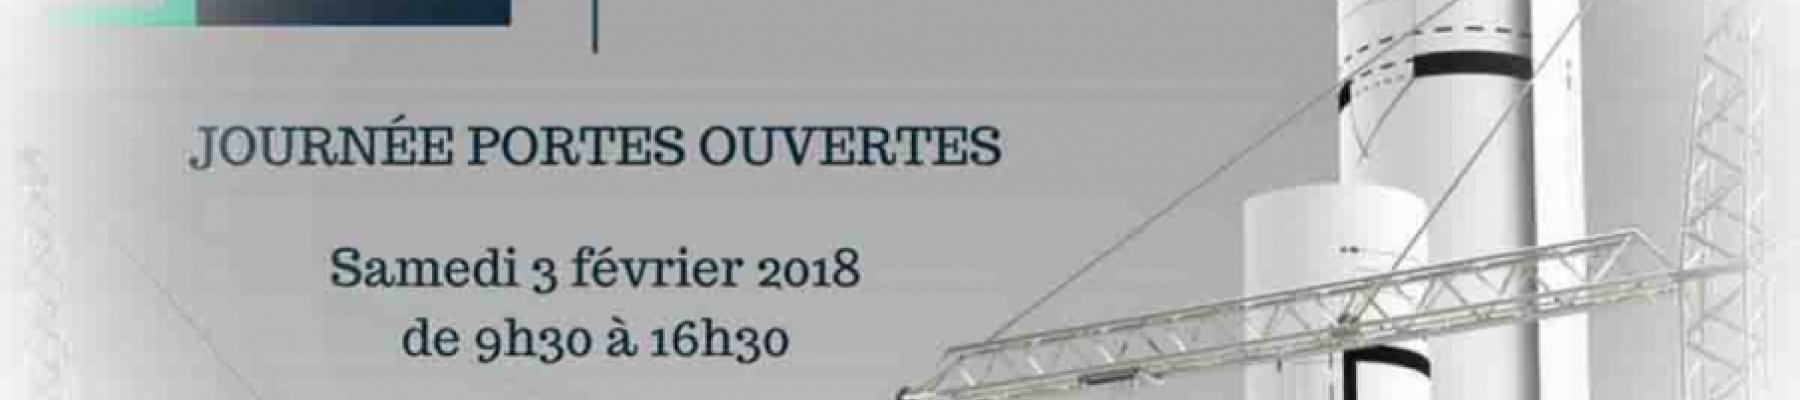 Journée Portes Ouvertes le samedi 3 février à l'ESITC Paris